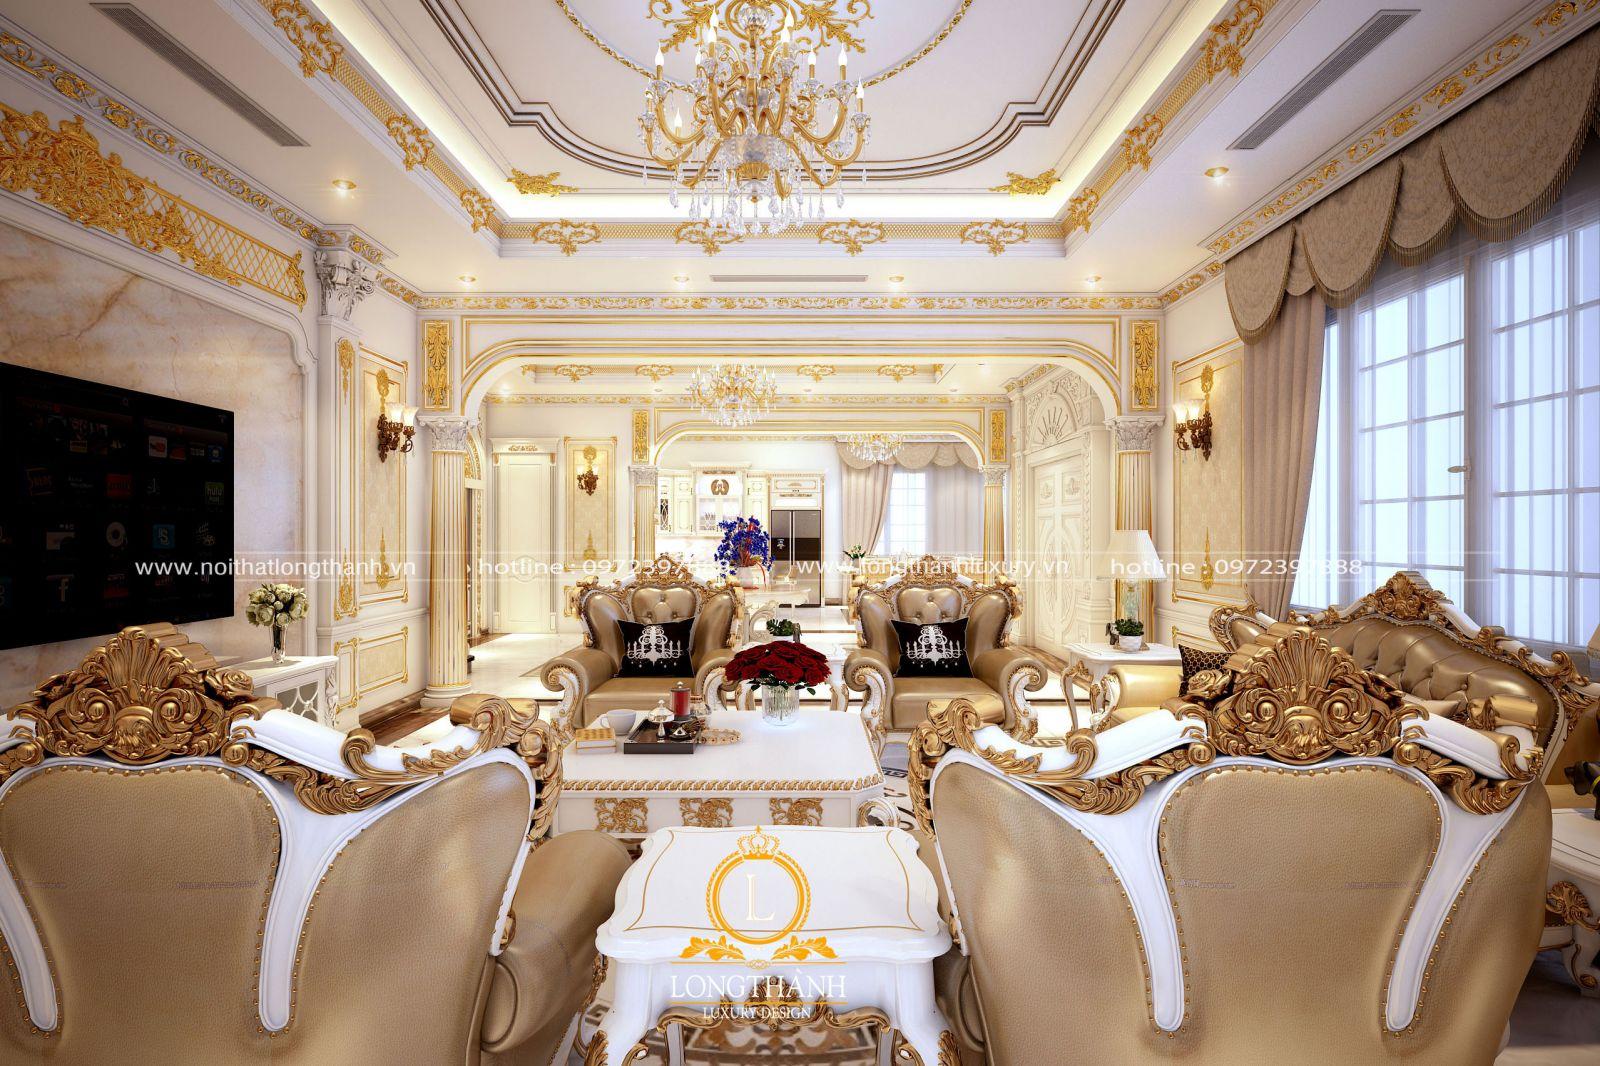 Phòng khách biệt thự vô cùng lộng lẫy được dát vàng đẳng cấp